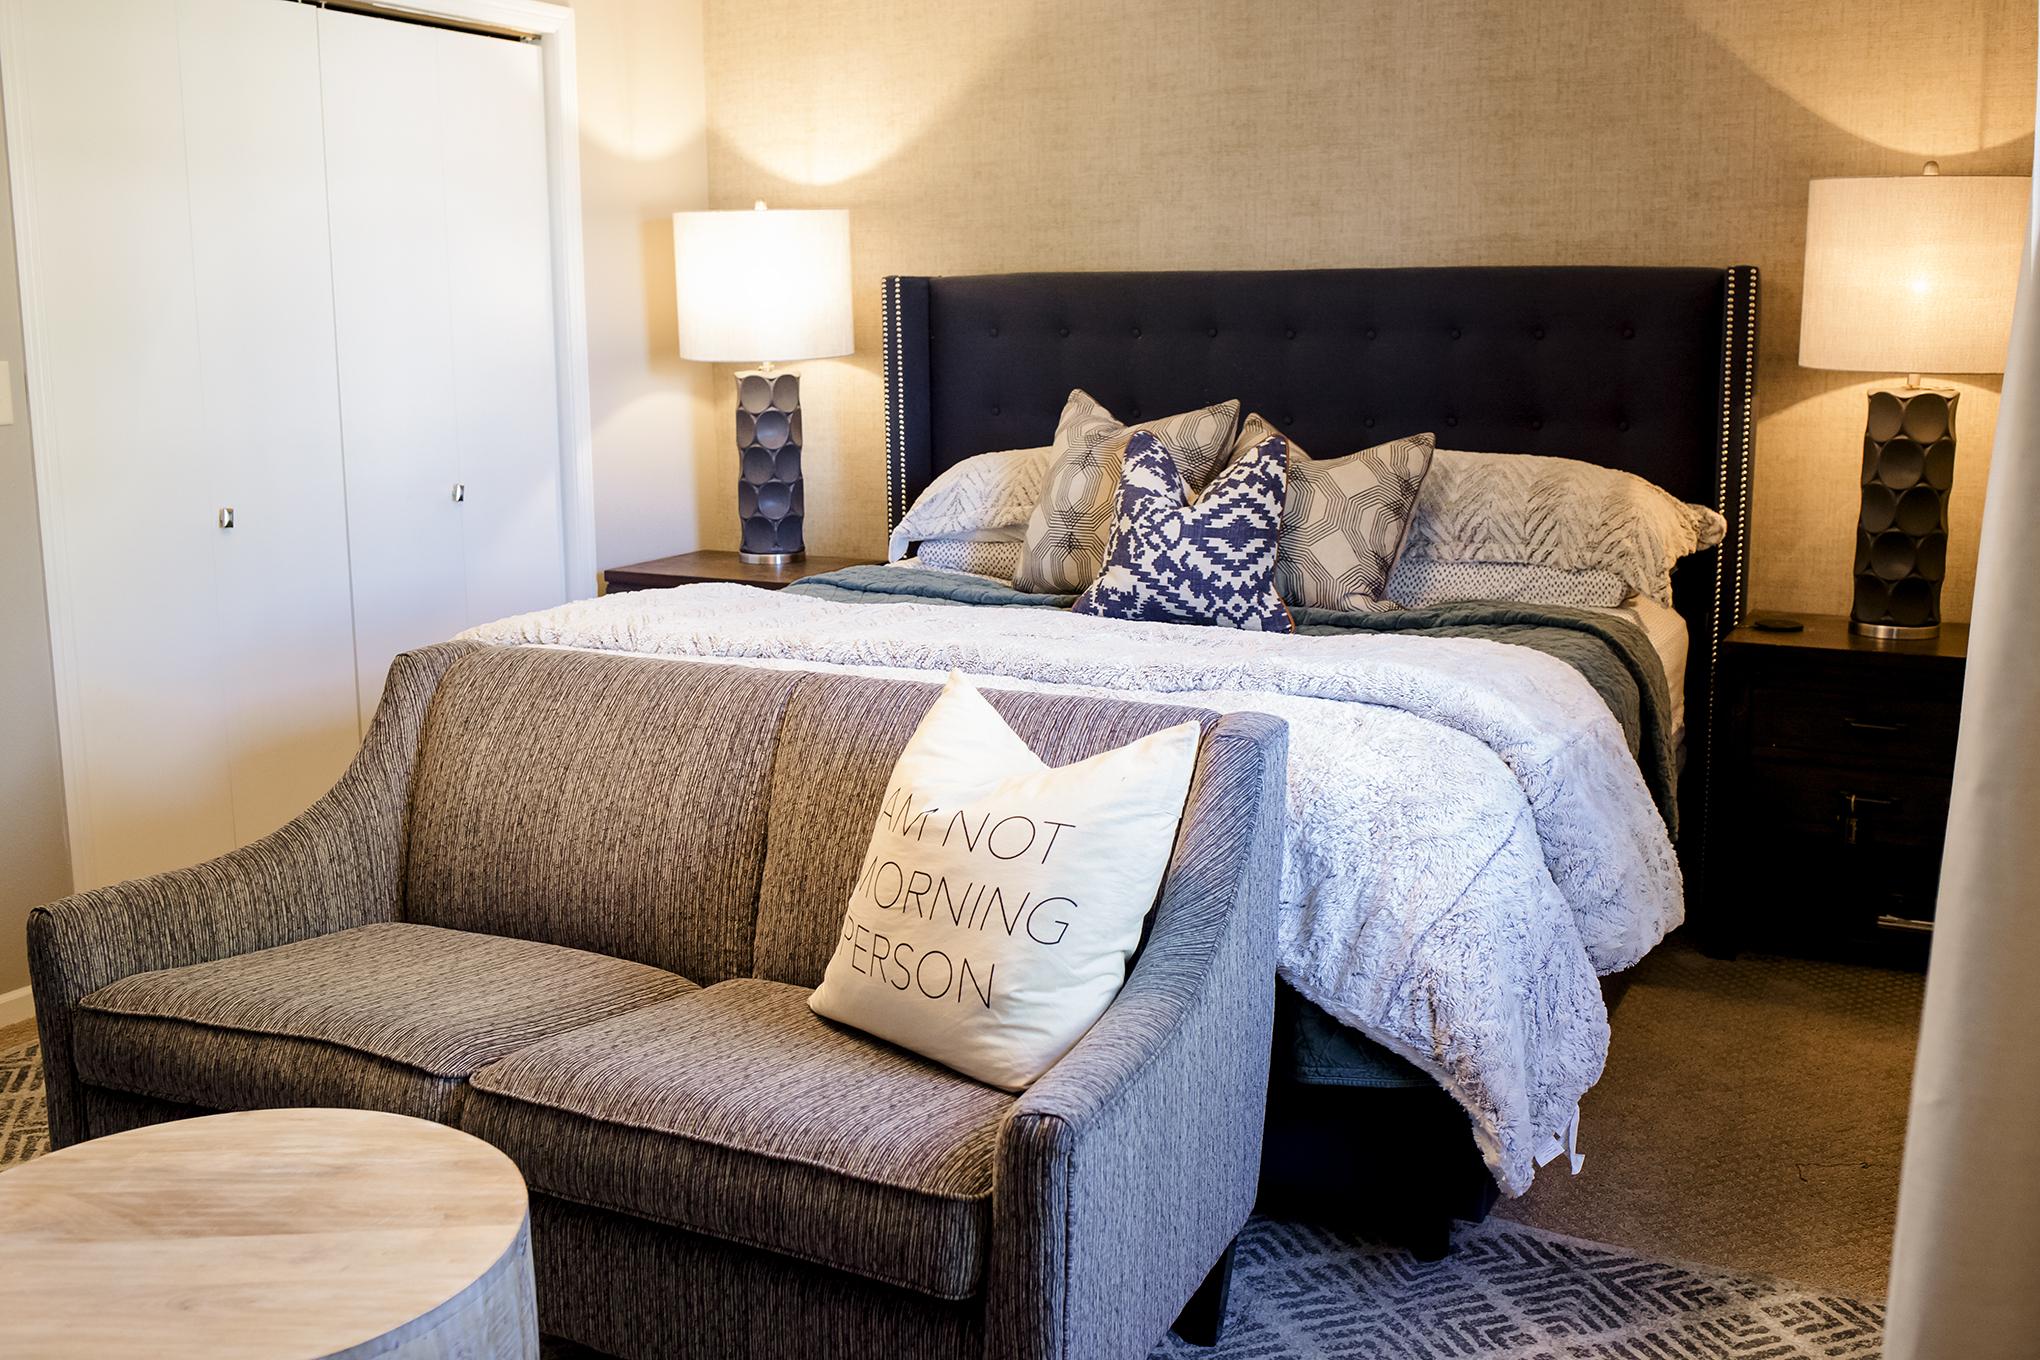 Bedroom before Refresh & Renew